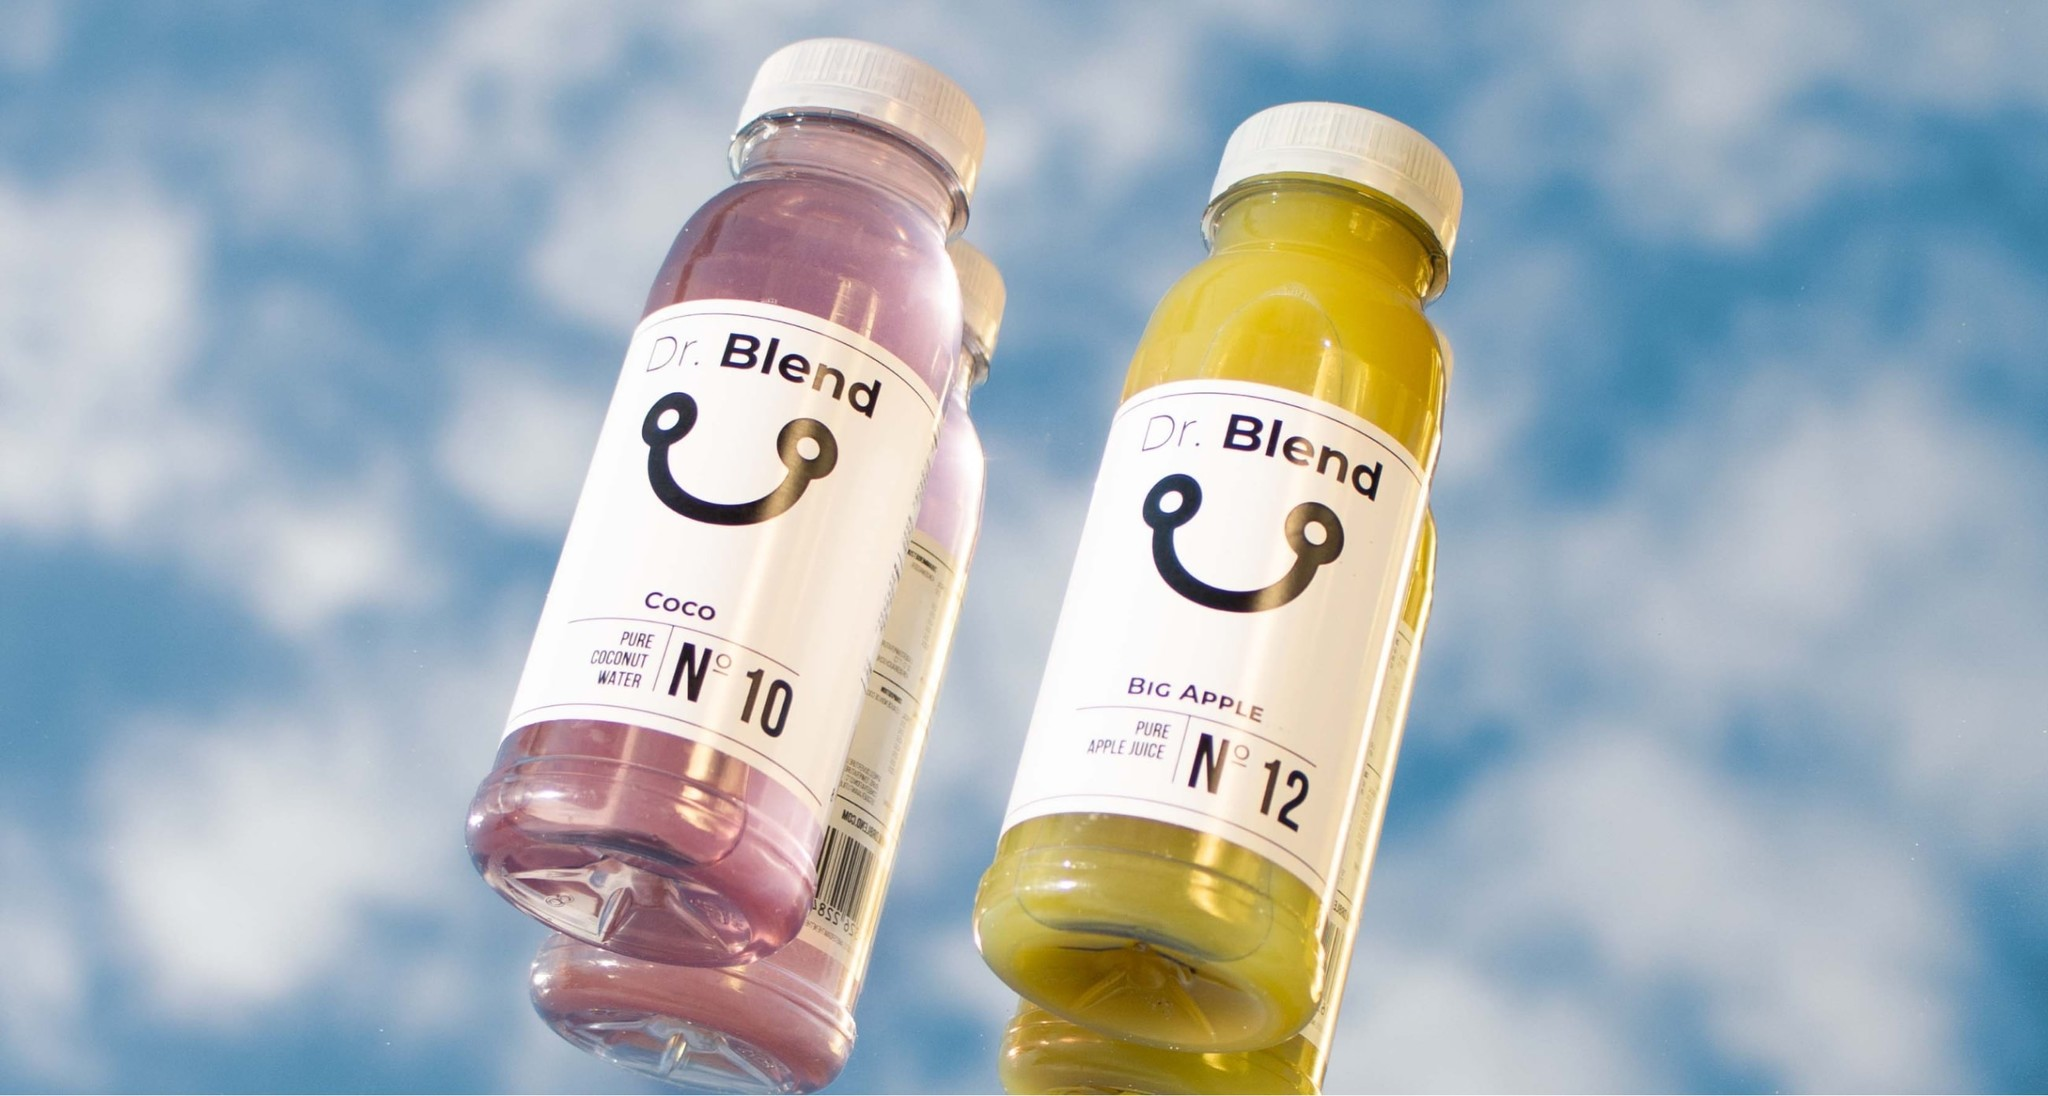 Our Dr. Blend juices